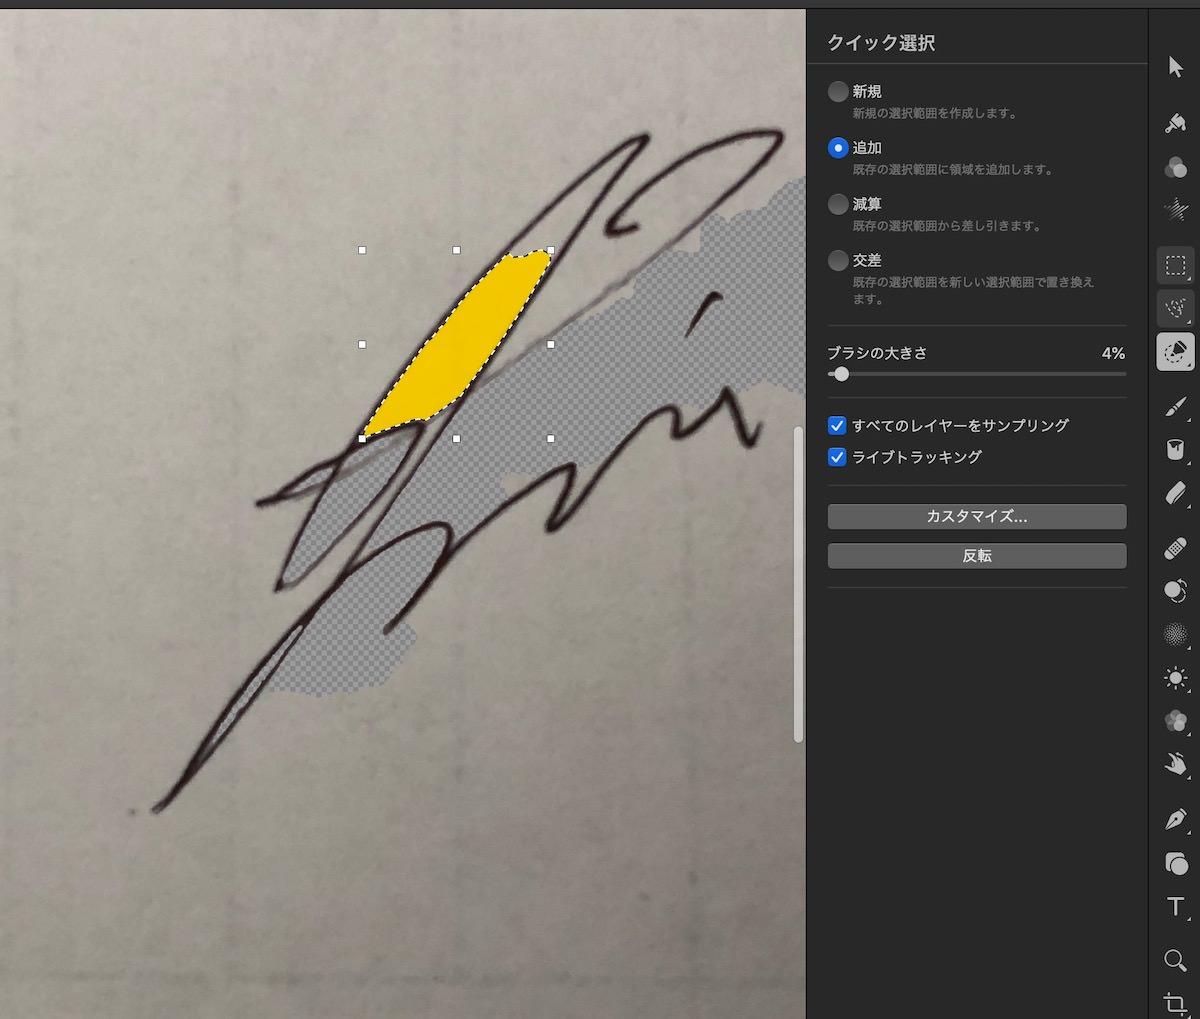 手書きサインの電子化